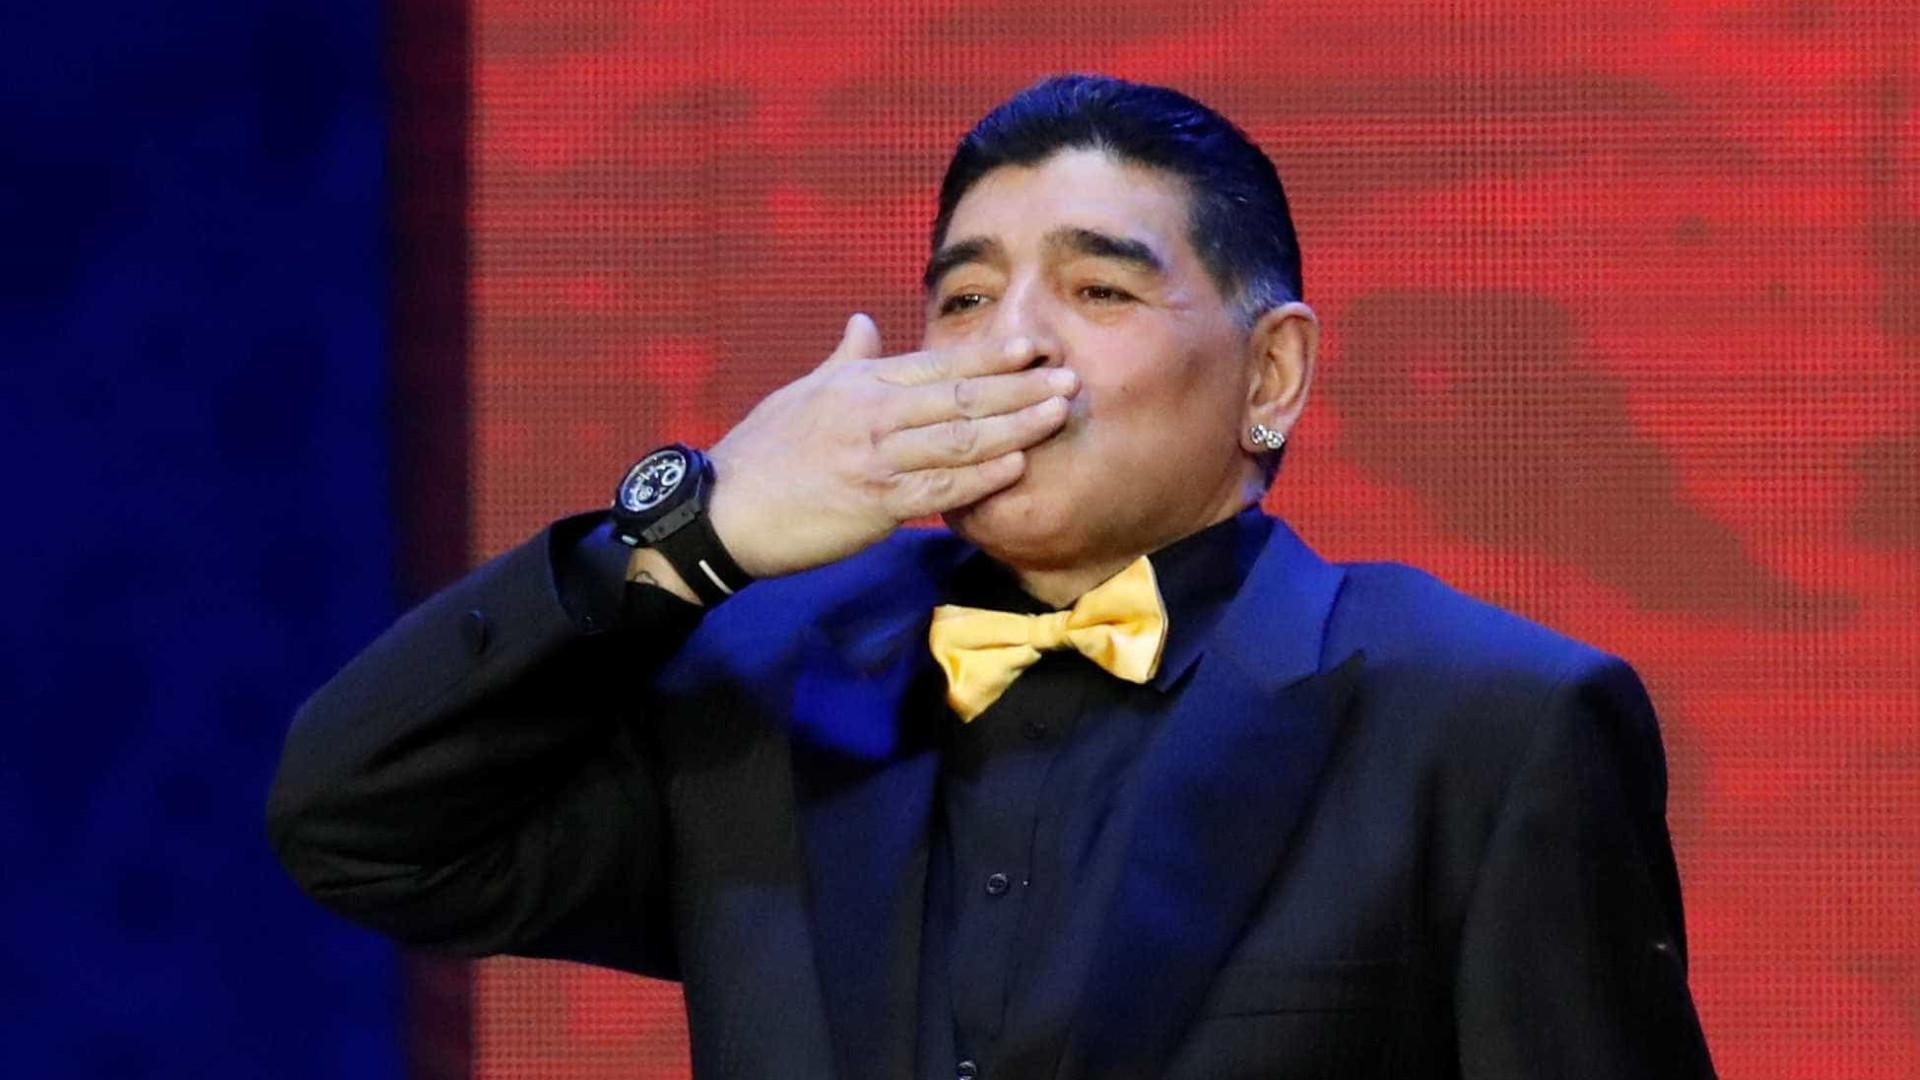 Maradona declara apoio a Lula e chama Temer de 'traidor'